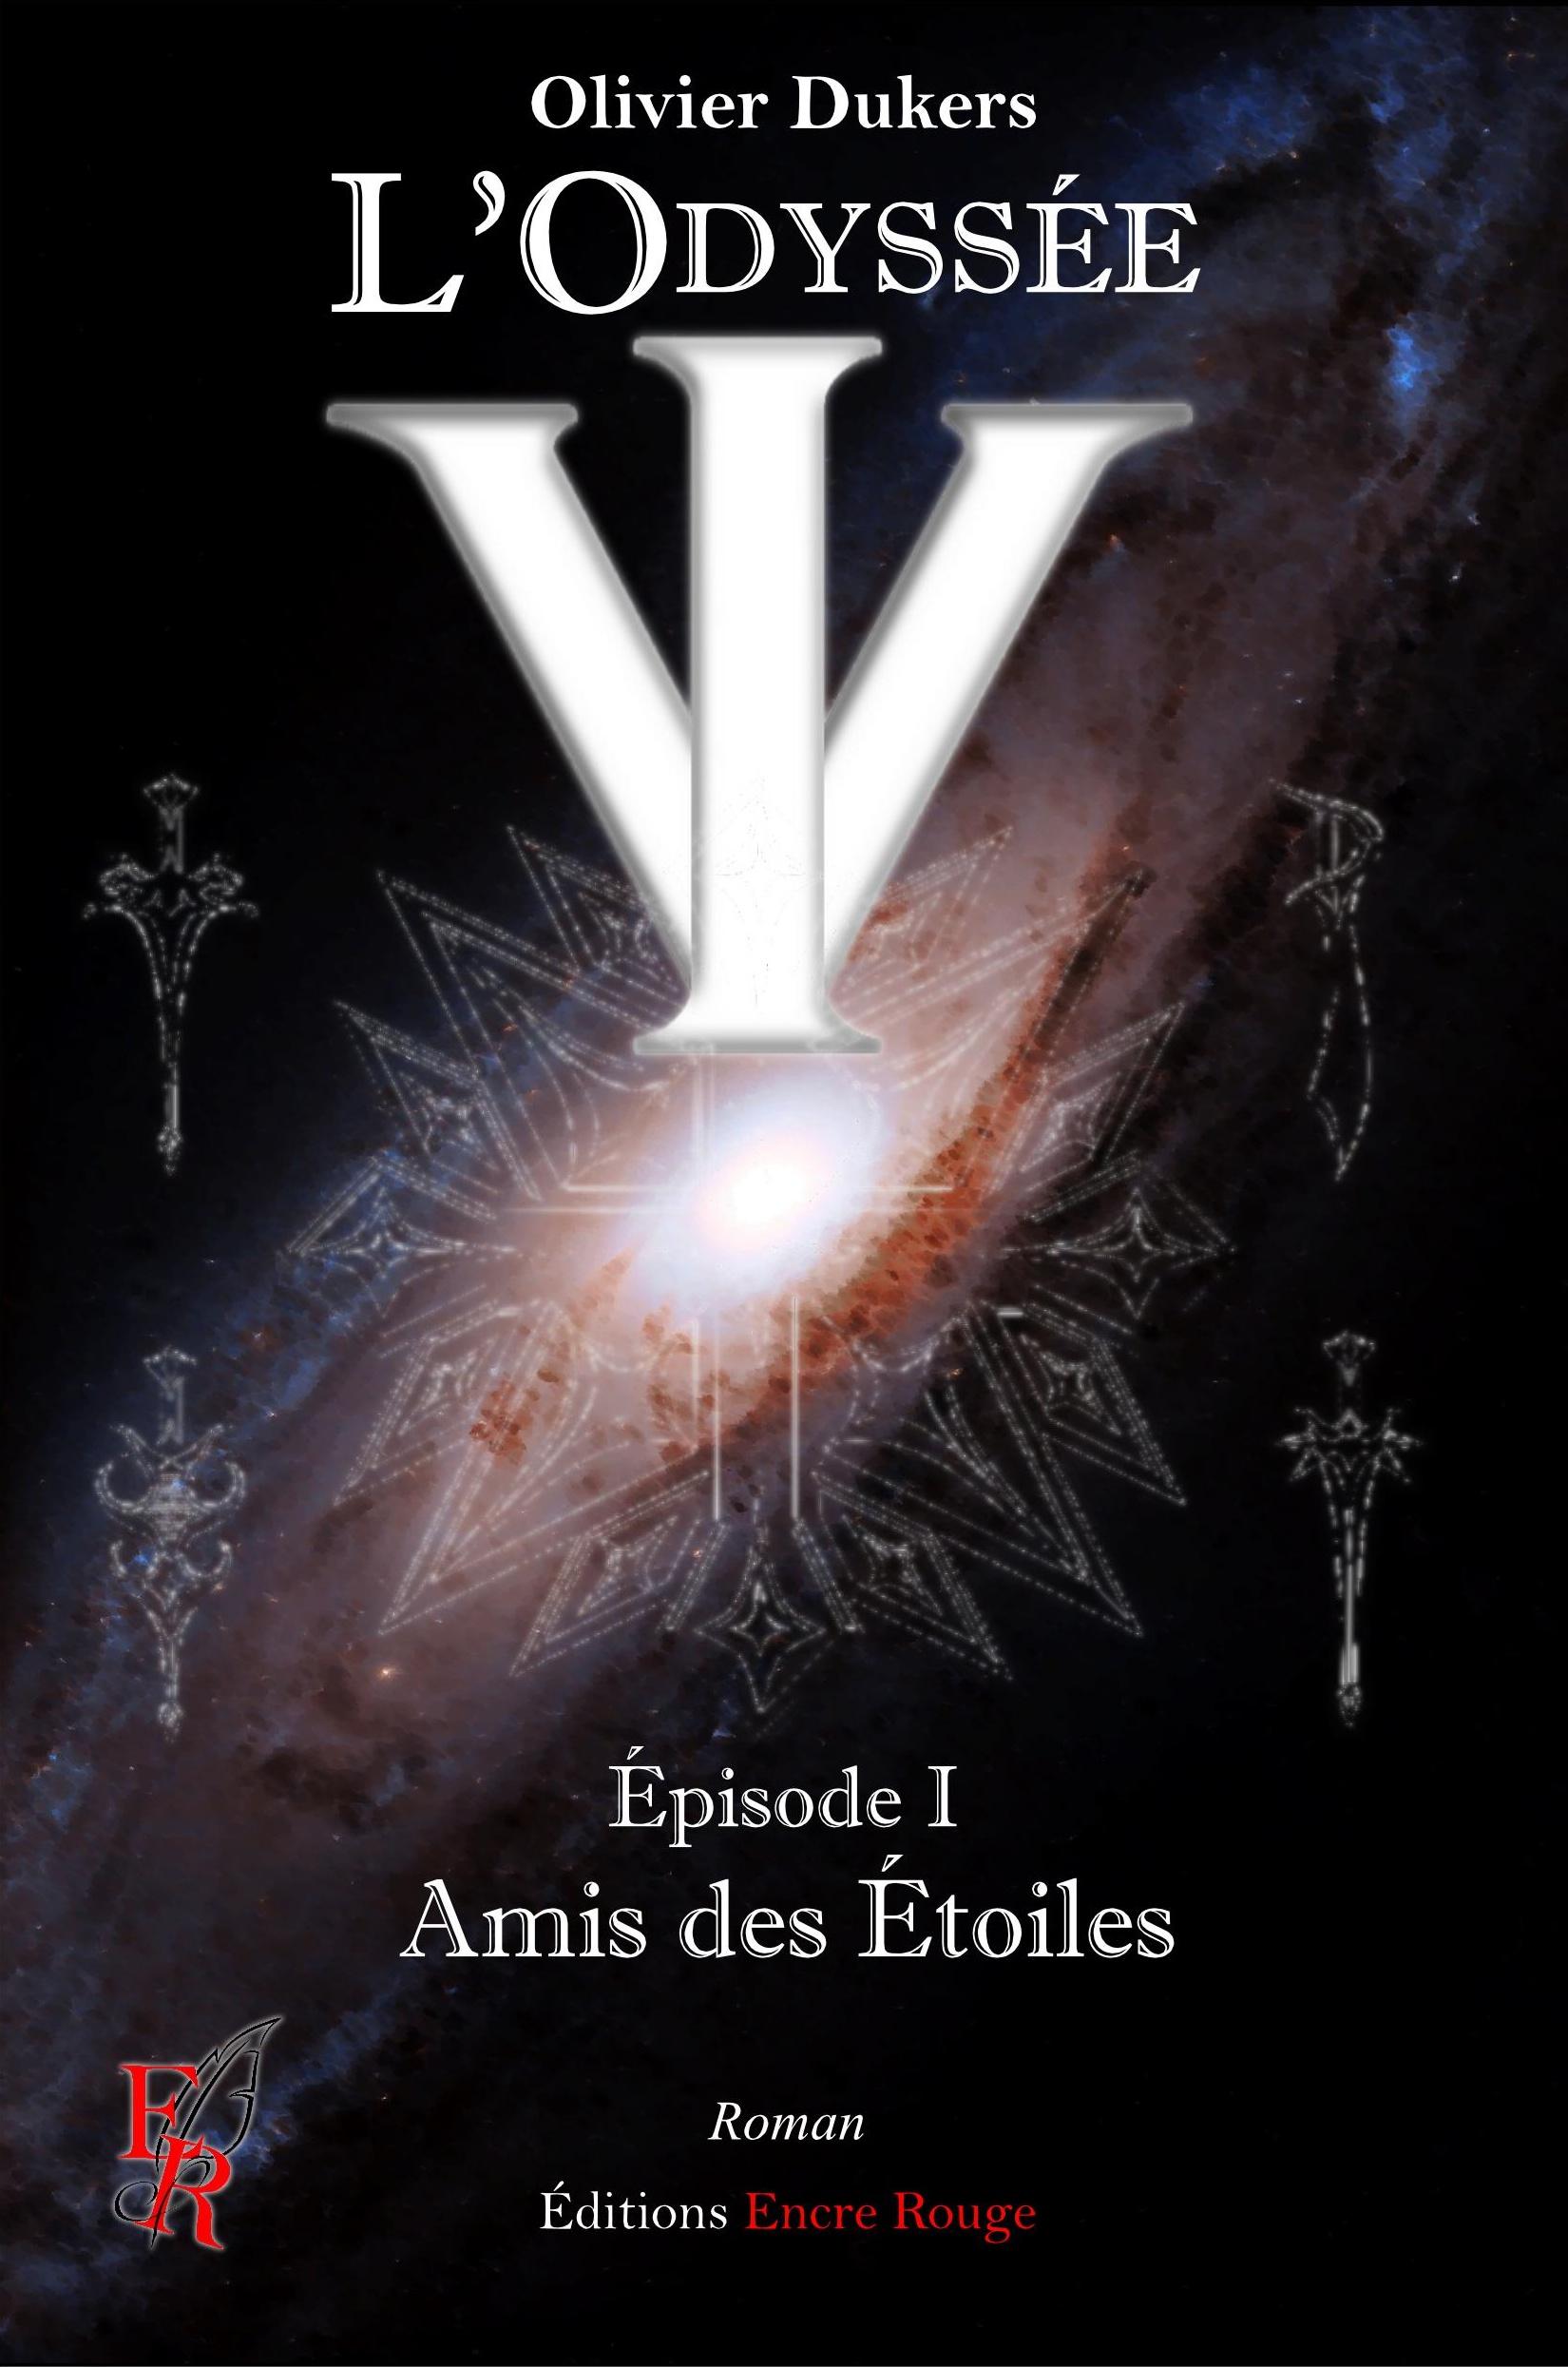 L'Odyssée V.I., AMIS DES ÉTOILES